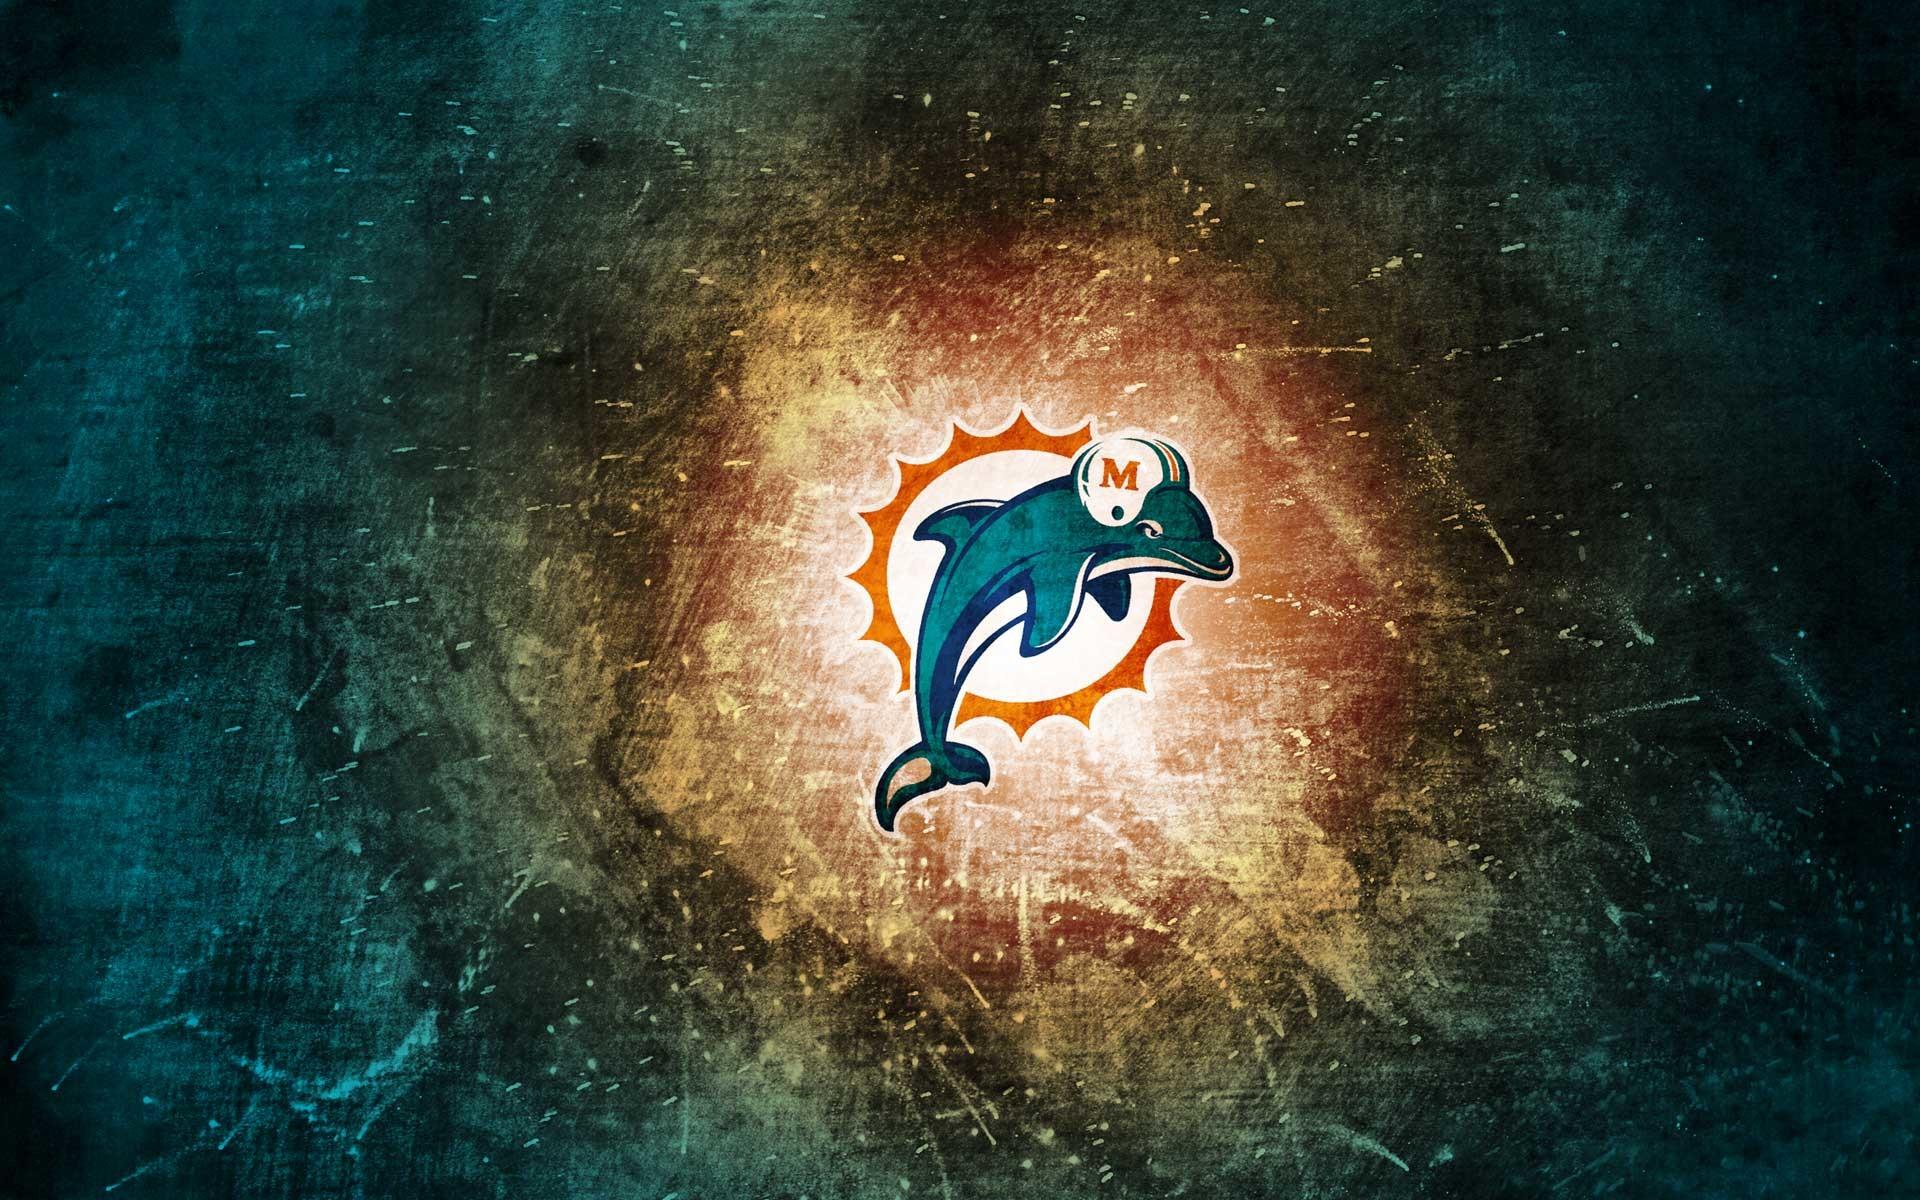 Miami Dolphins Wallpaper 2013 New Logo